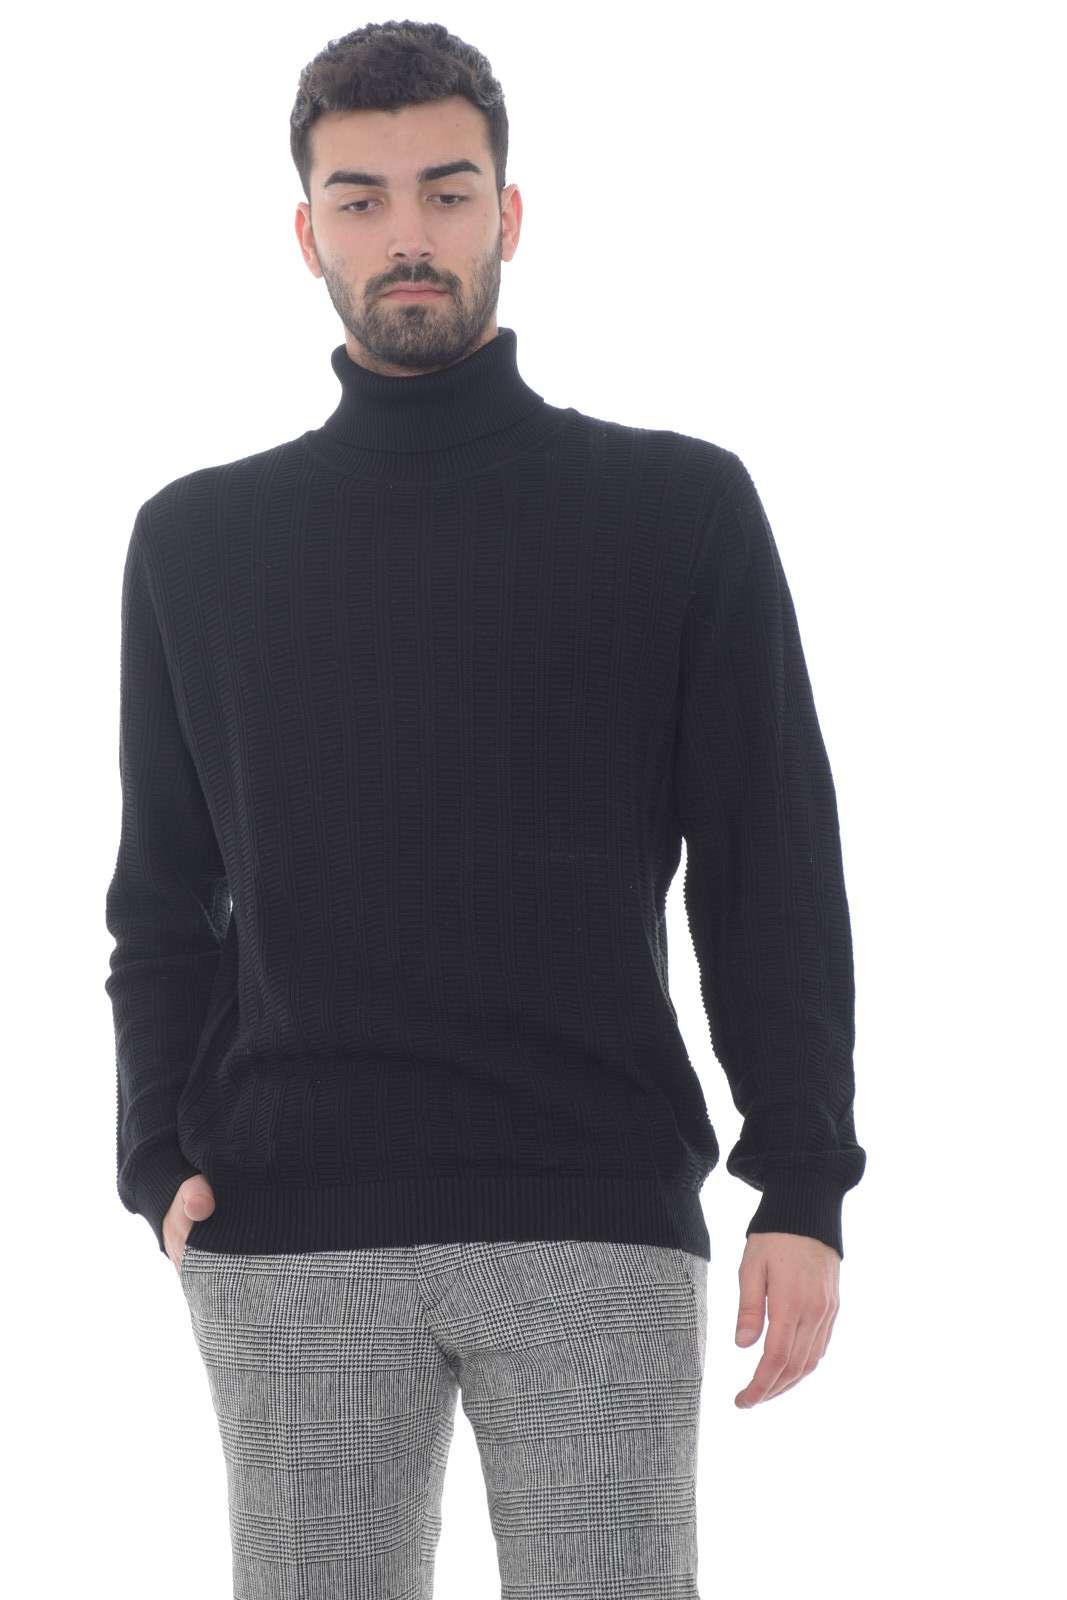 Un maglione caldo e confortevole, quello firmato Antony Morato. Perfetto da abbinare a jeans o pantaloni, per outfit da tutti i giorni fashion e impeccabili. Per l'uomo che ama lo stile classico.